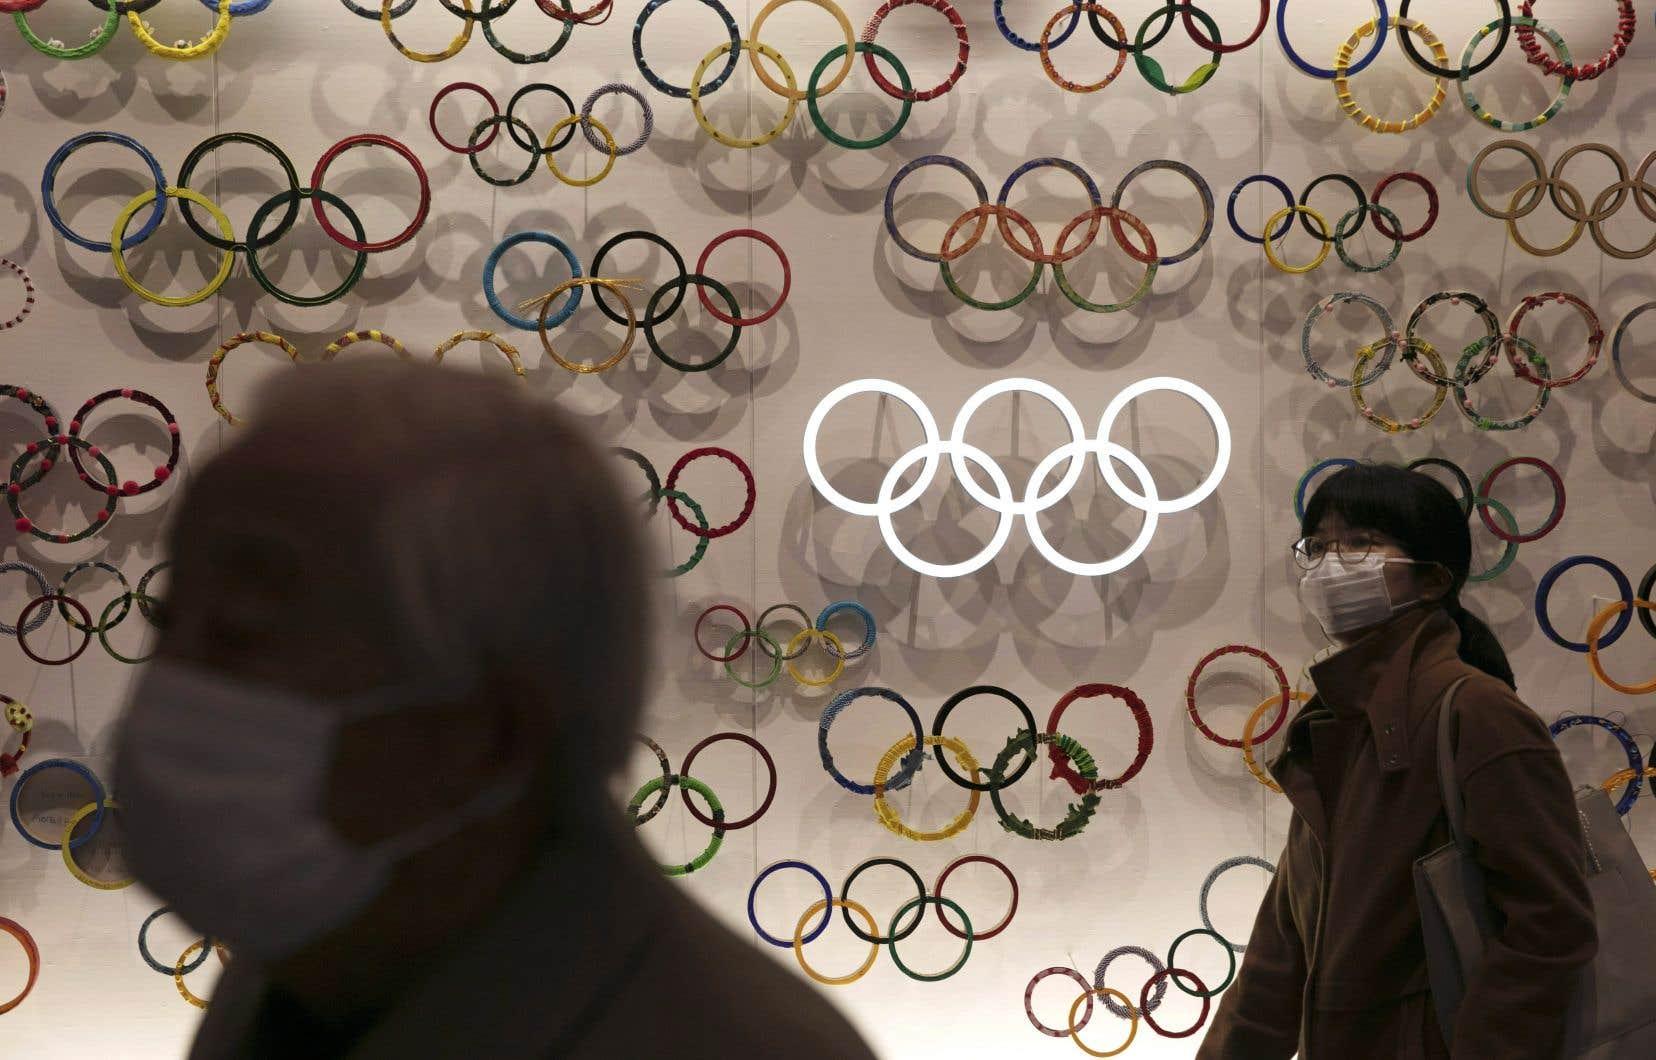 Les sanctions demandées par l'AMA incluent l'interdiction du drapeau, de l'hymne national et du nom de l'équipe de la Russie aux Jeux olympiques de Tokyo l'année prochaine, aux Jeux d'hiver de Pékin en 2022 et à d'autres événements majeurs organisés par des sports et des organisations adhérant au code mondial antidopage.